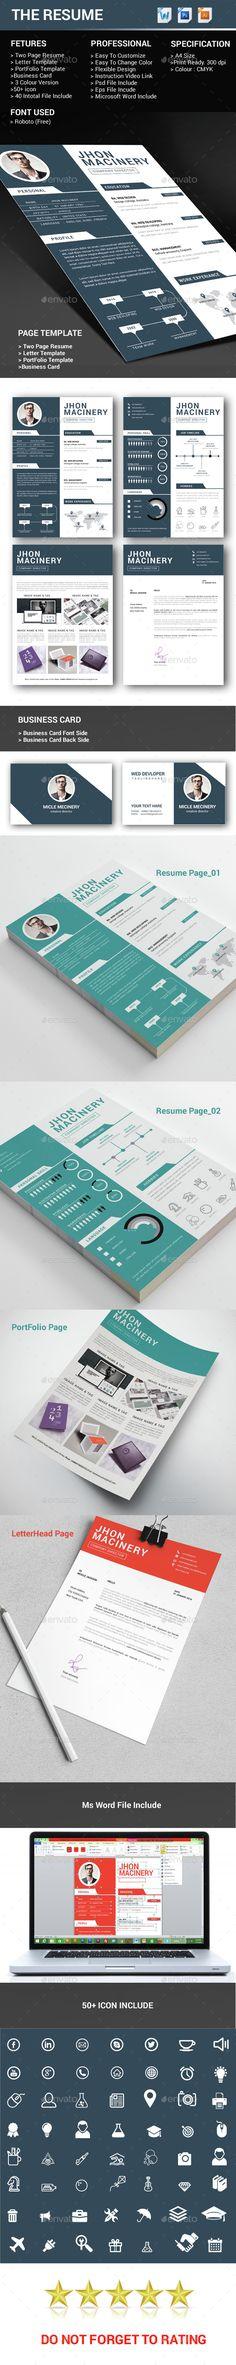 Resume CV and Portfolio Template Free Special